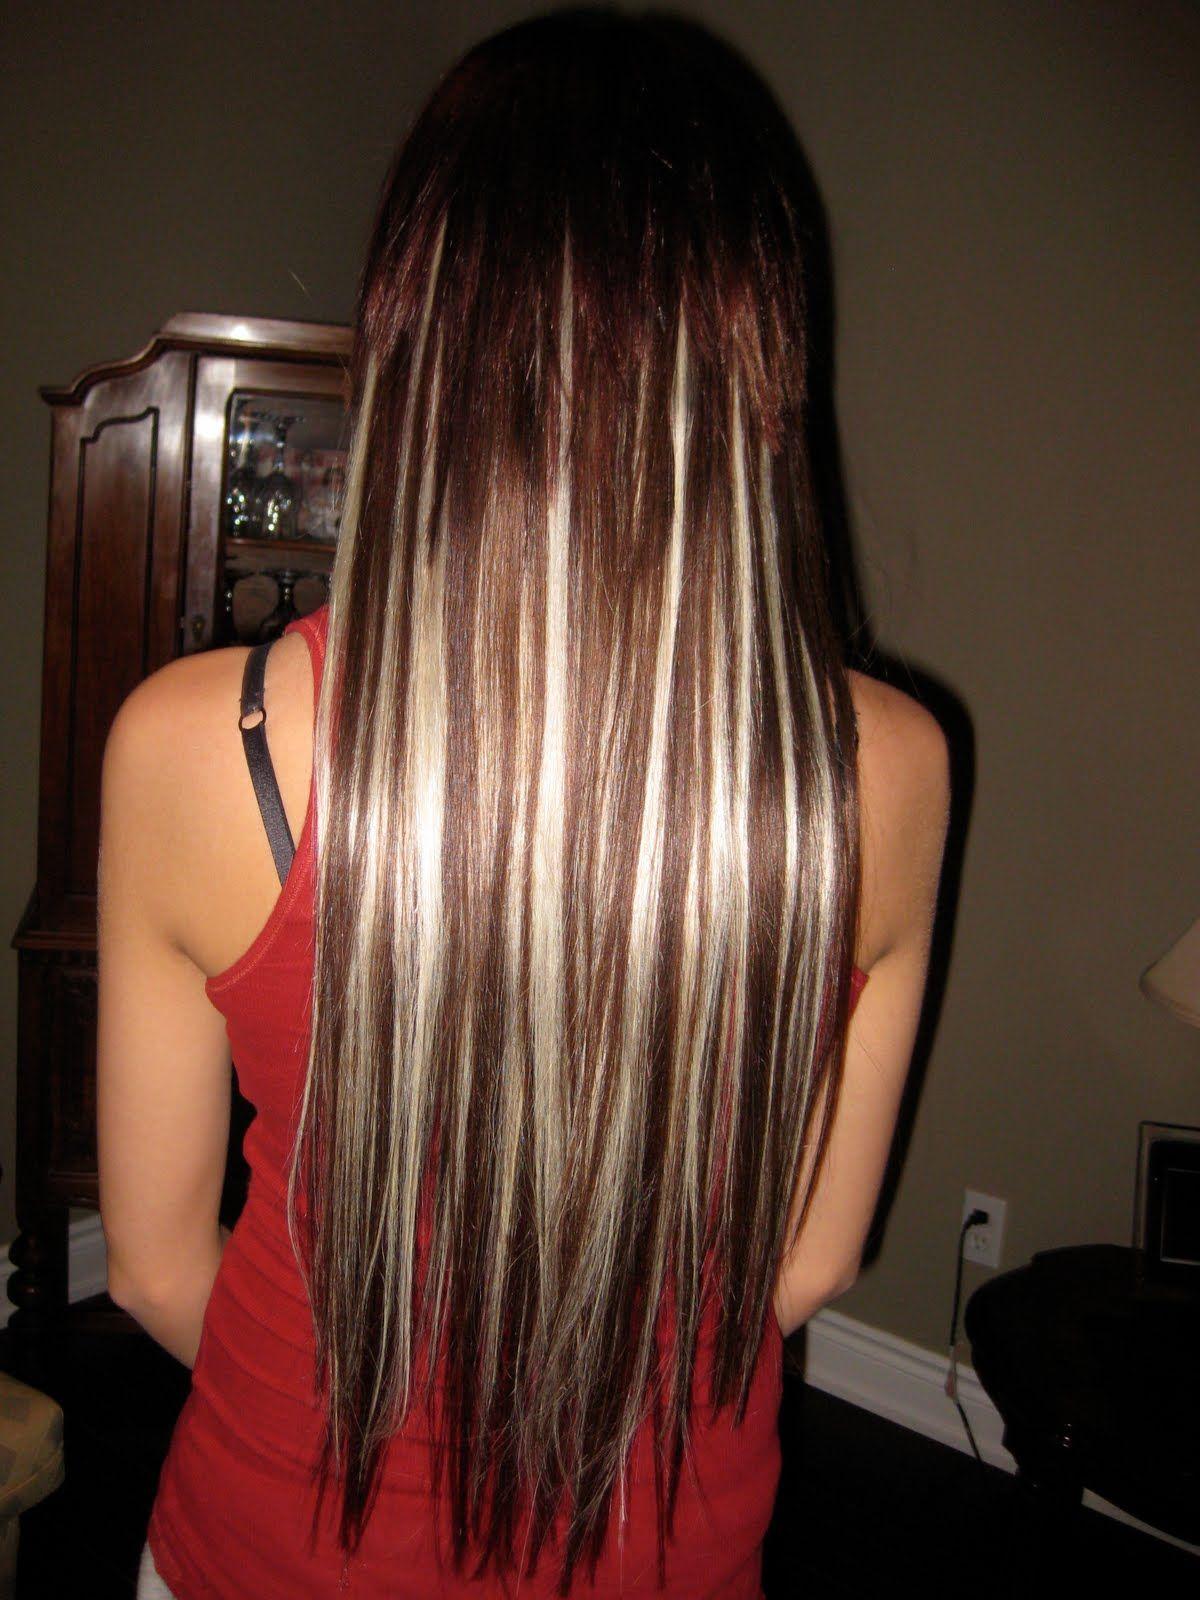 Platinum Blonde Highlights On Brown Hair Short Or Medium